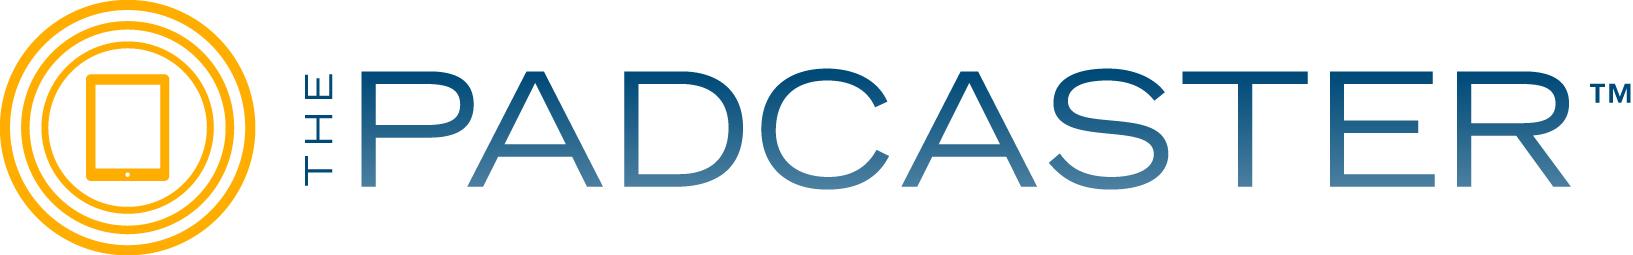 thePadcaster_logo